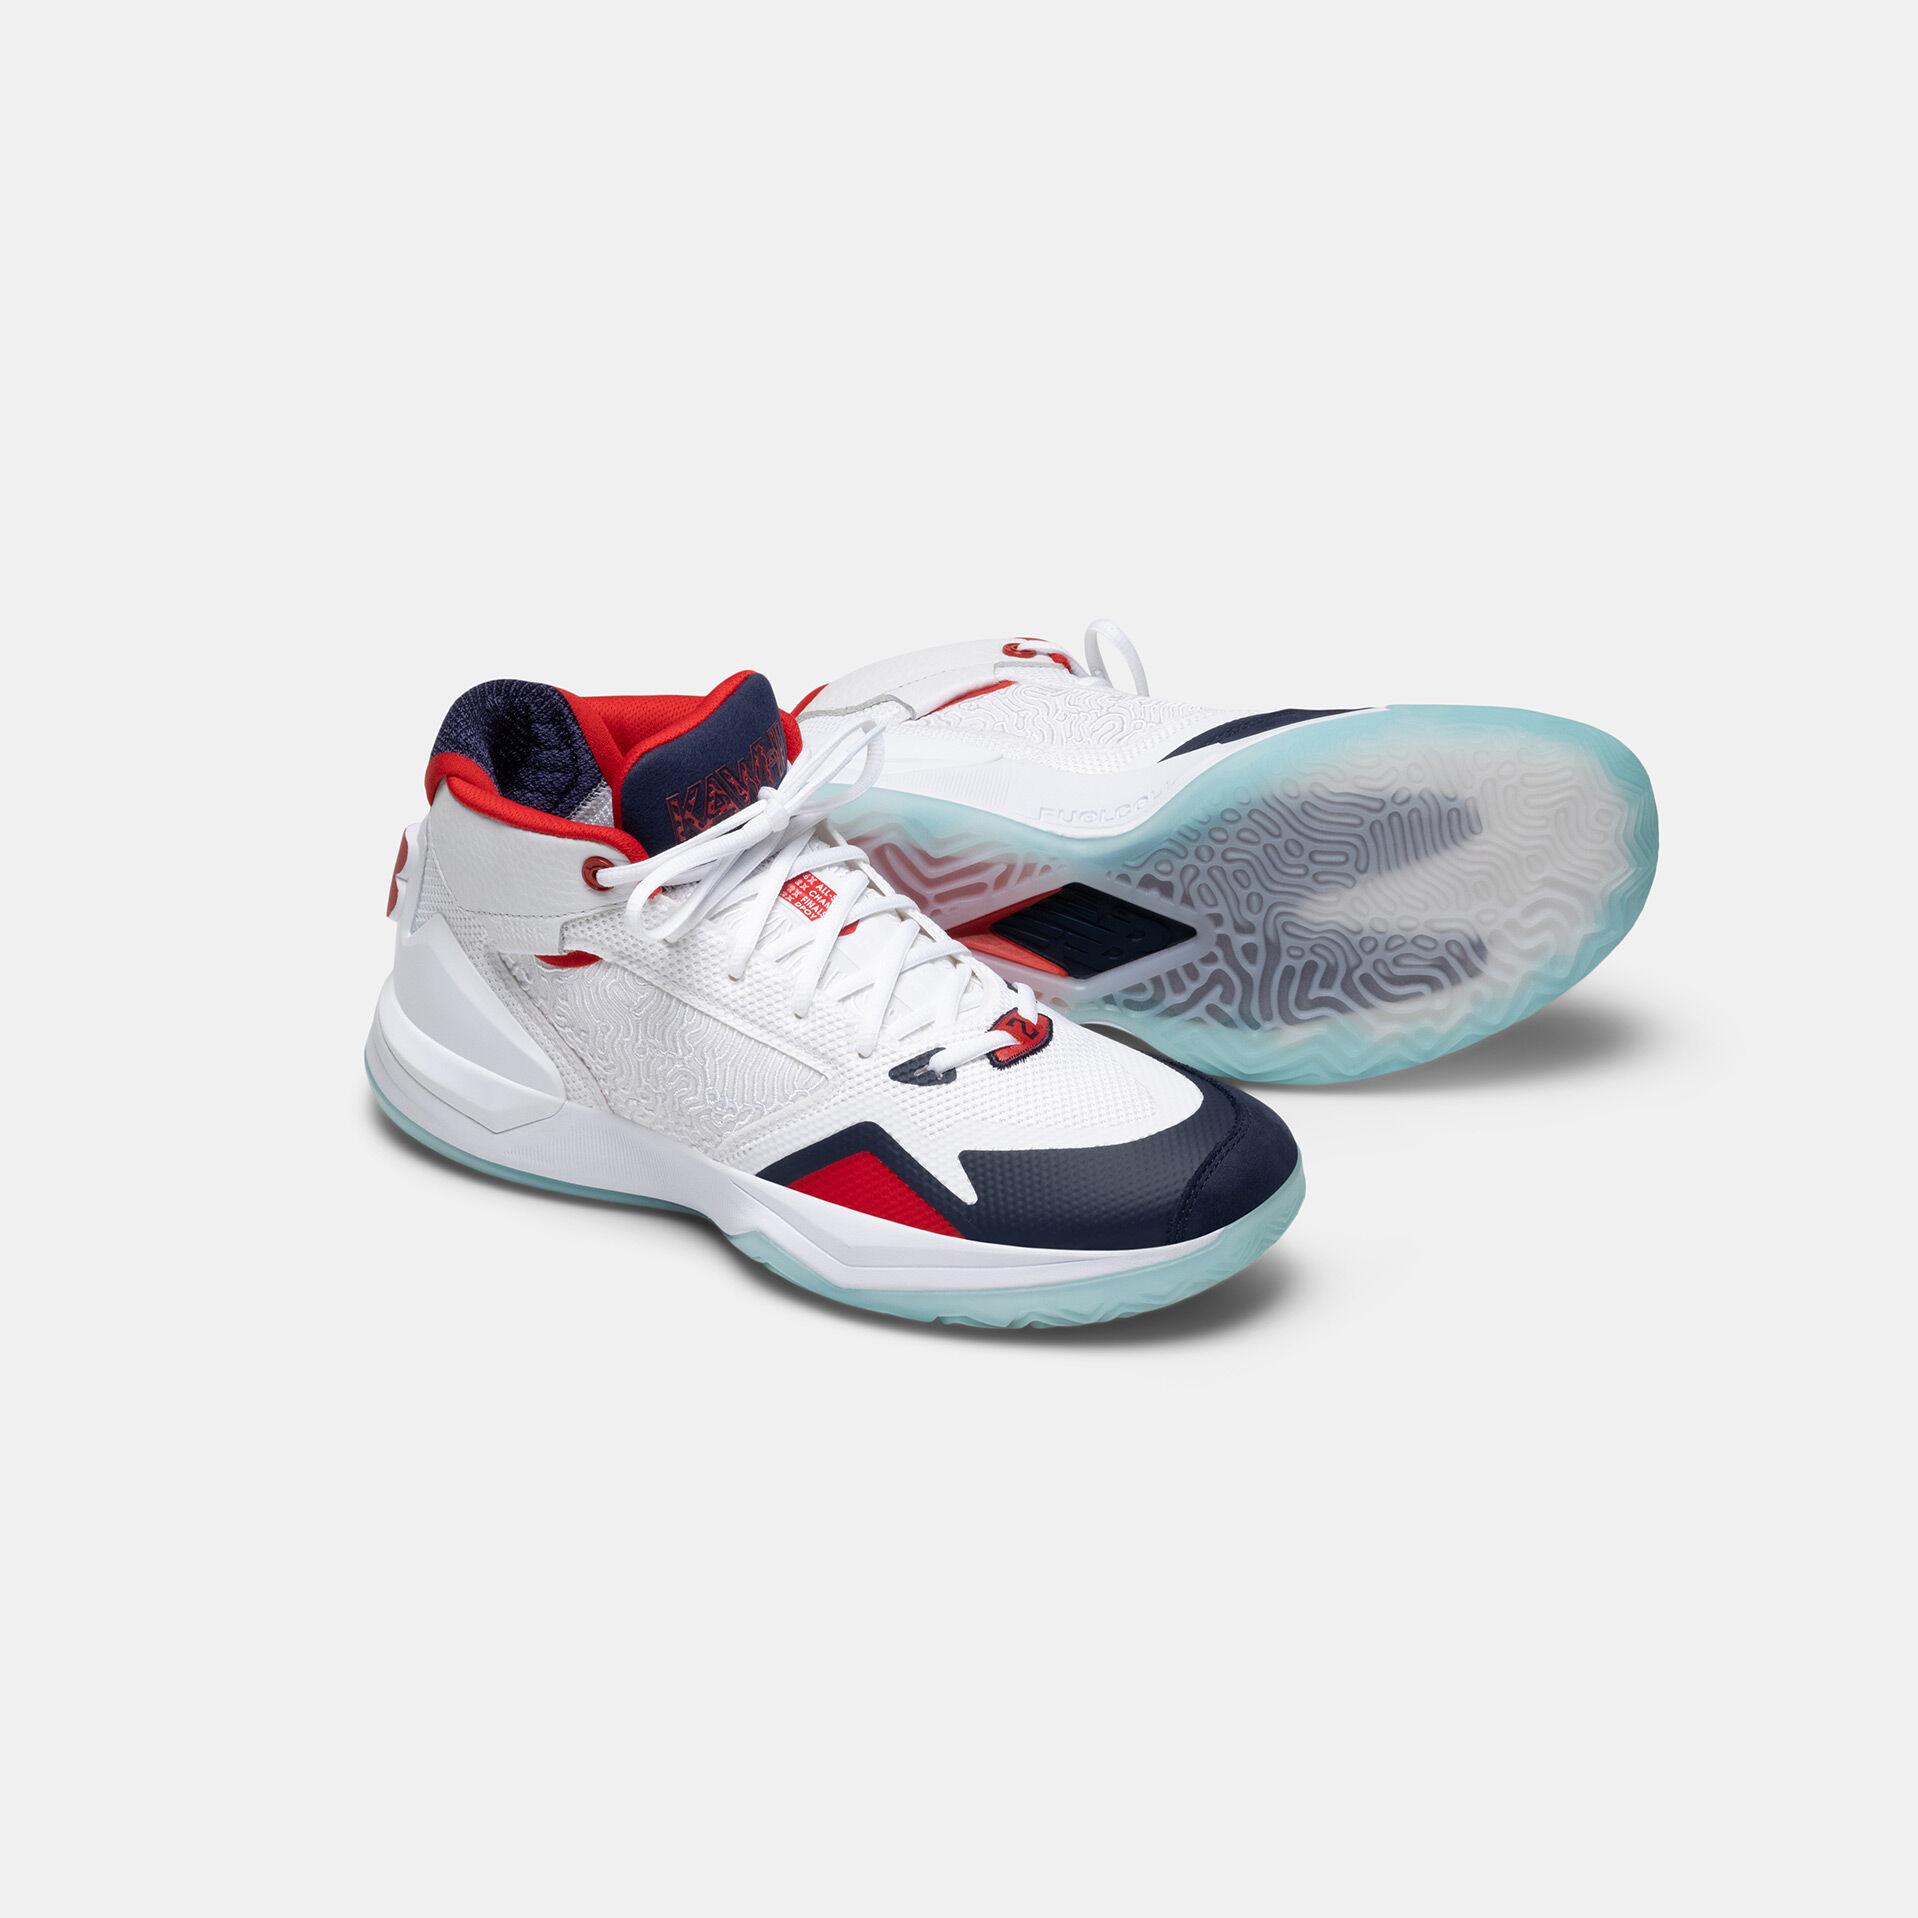 Kawhi Leonard Basketball Shoes & Apparel - New Balance